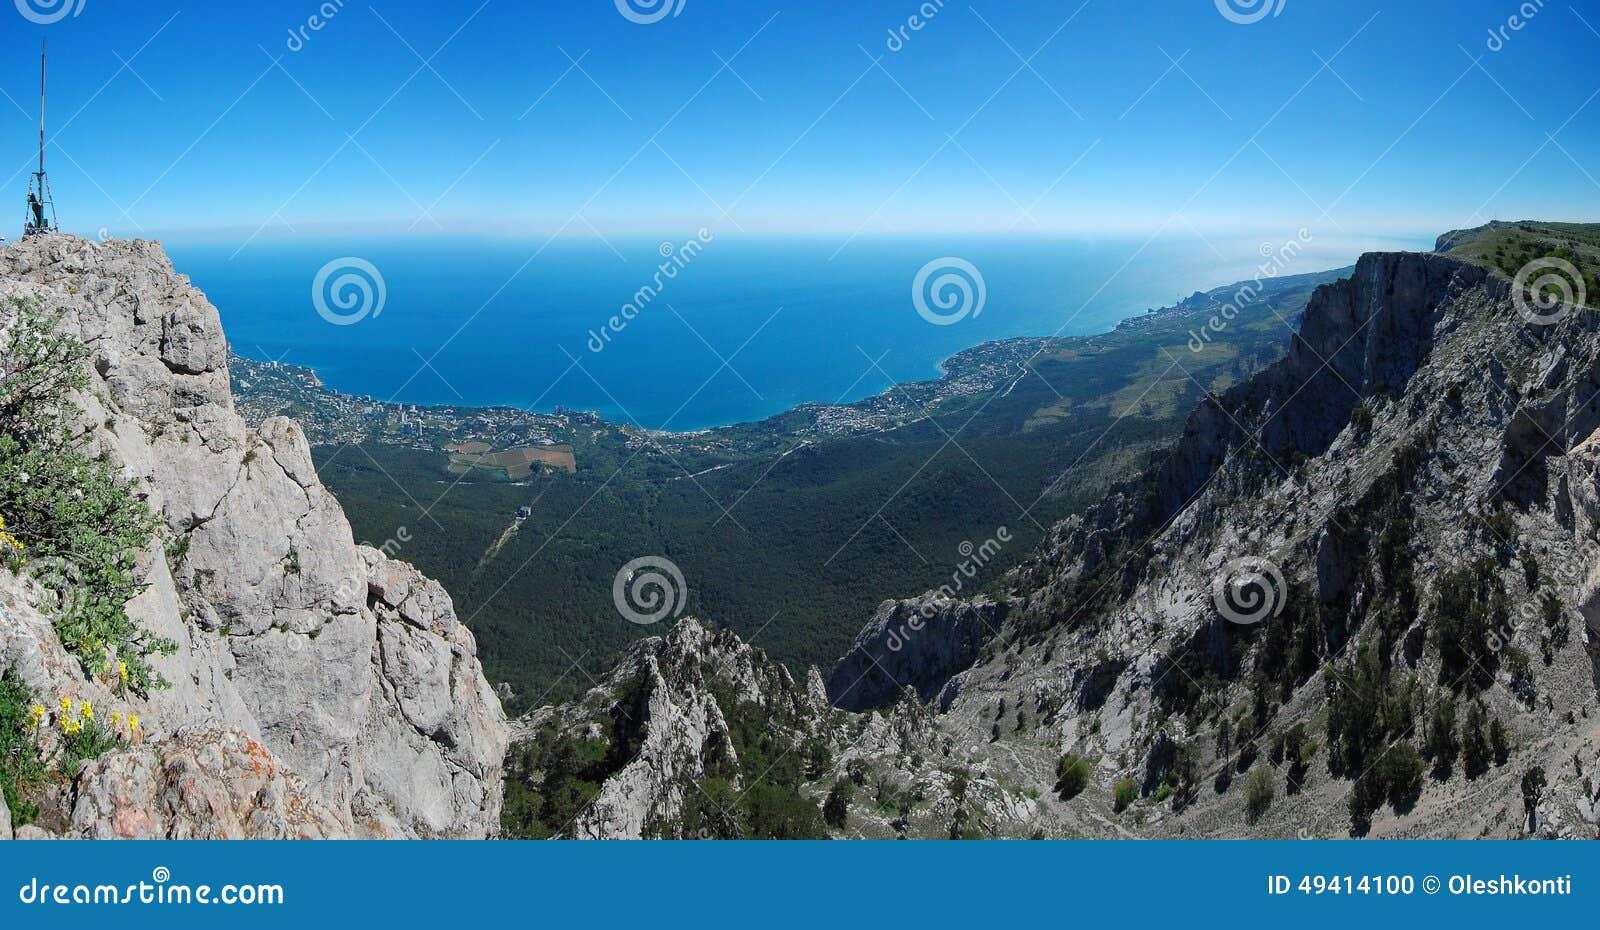 Download Panorama mit Ah-Petri krim stockfoto. Bild von höhe, gehäuse - 49414100